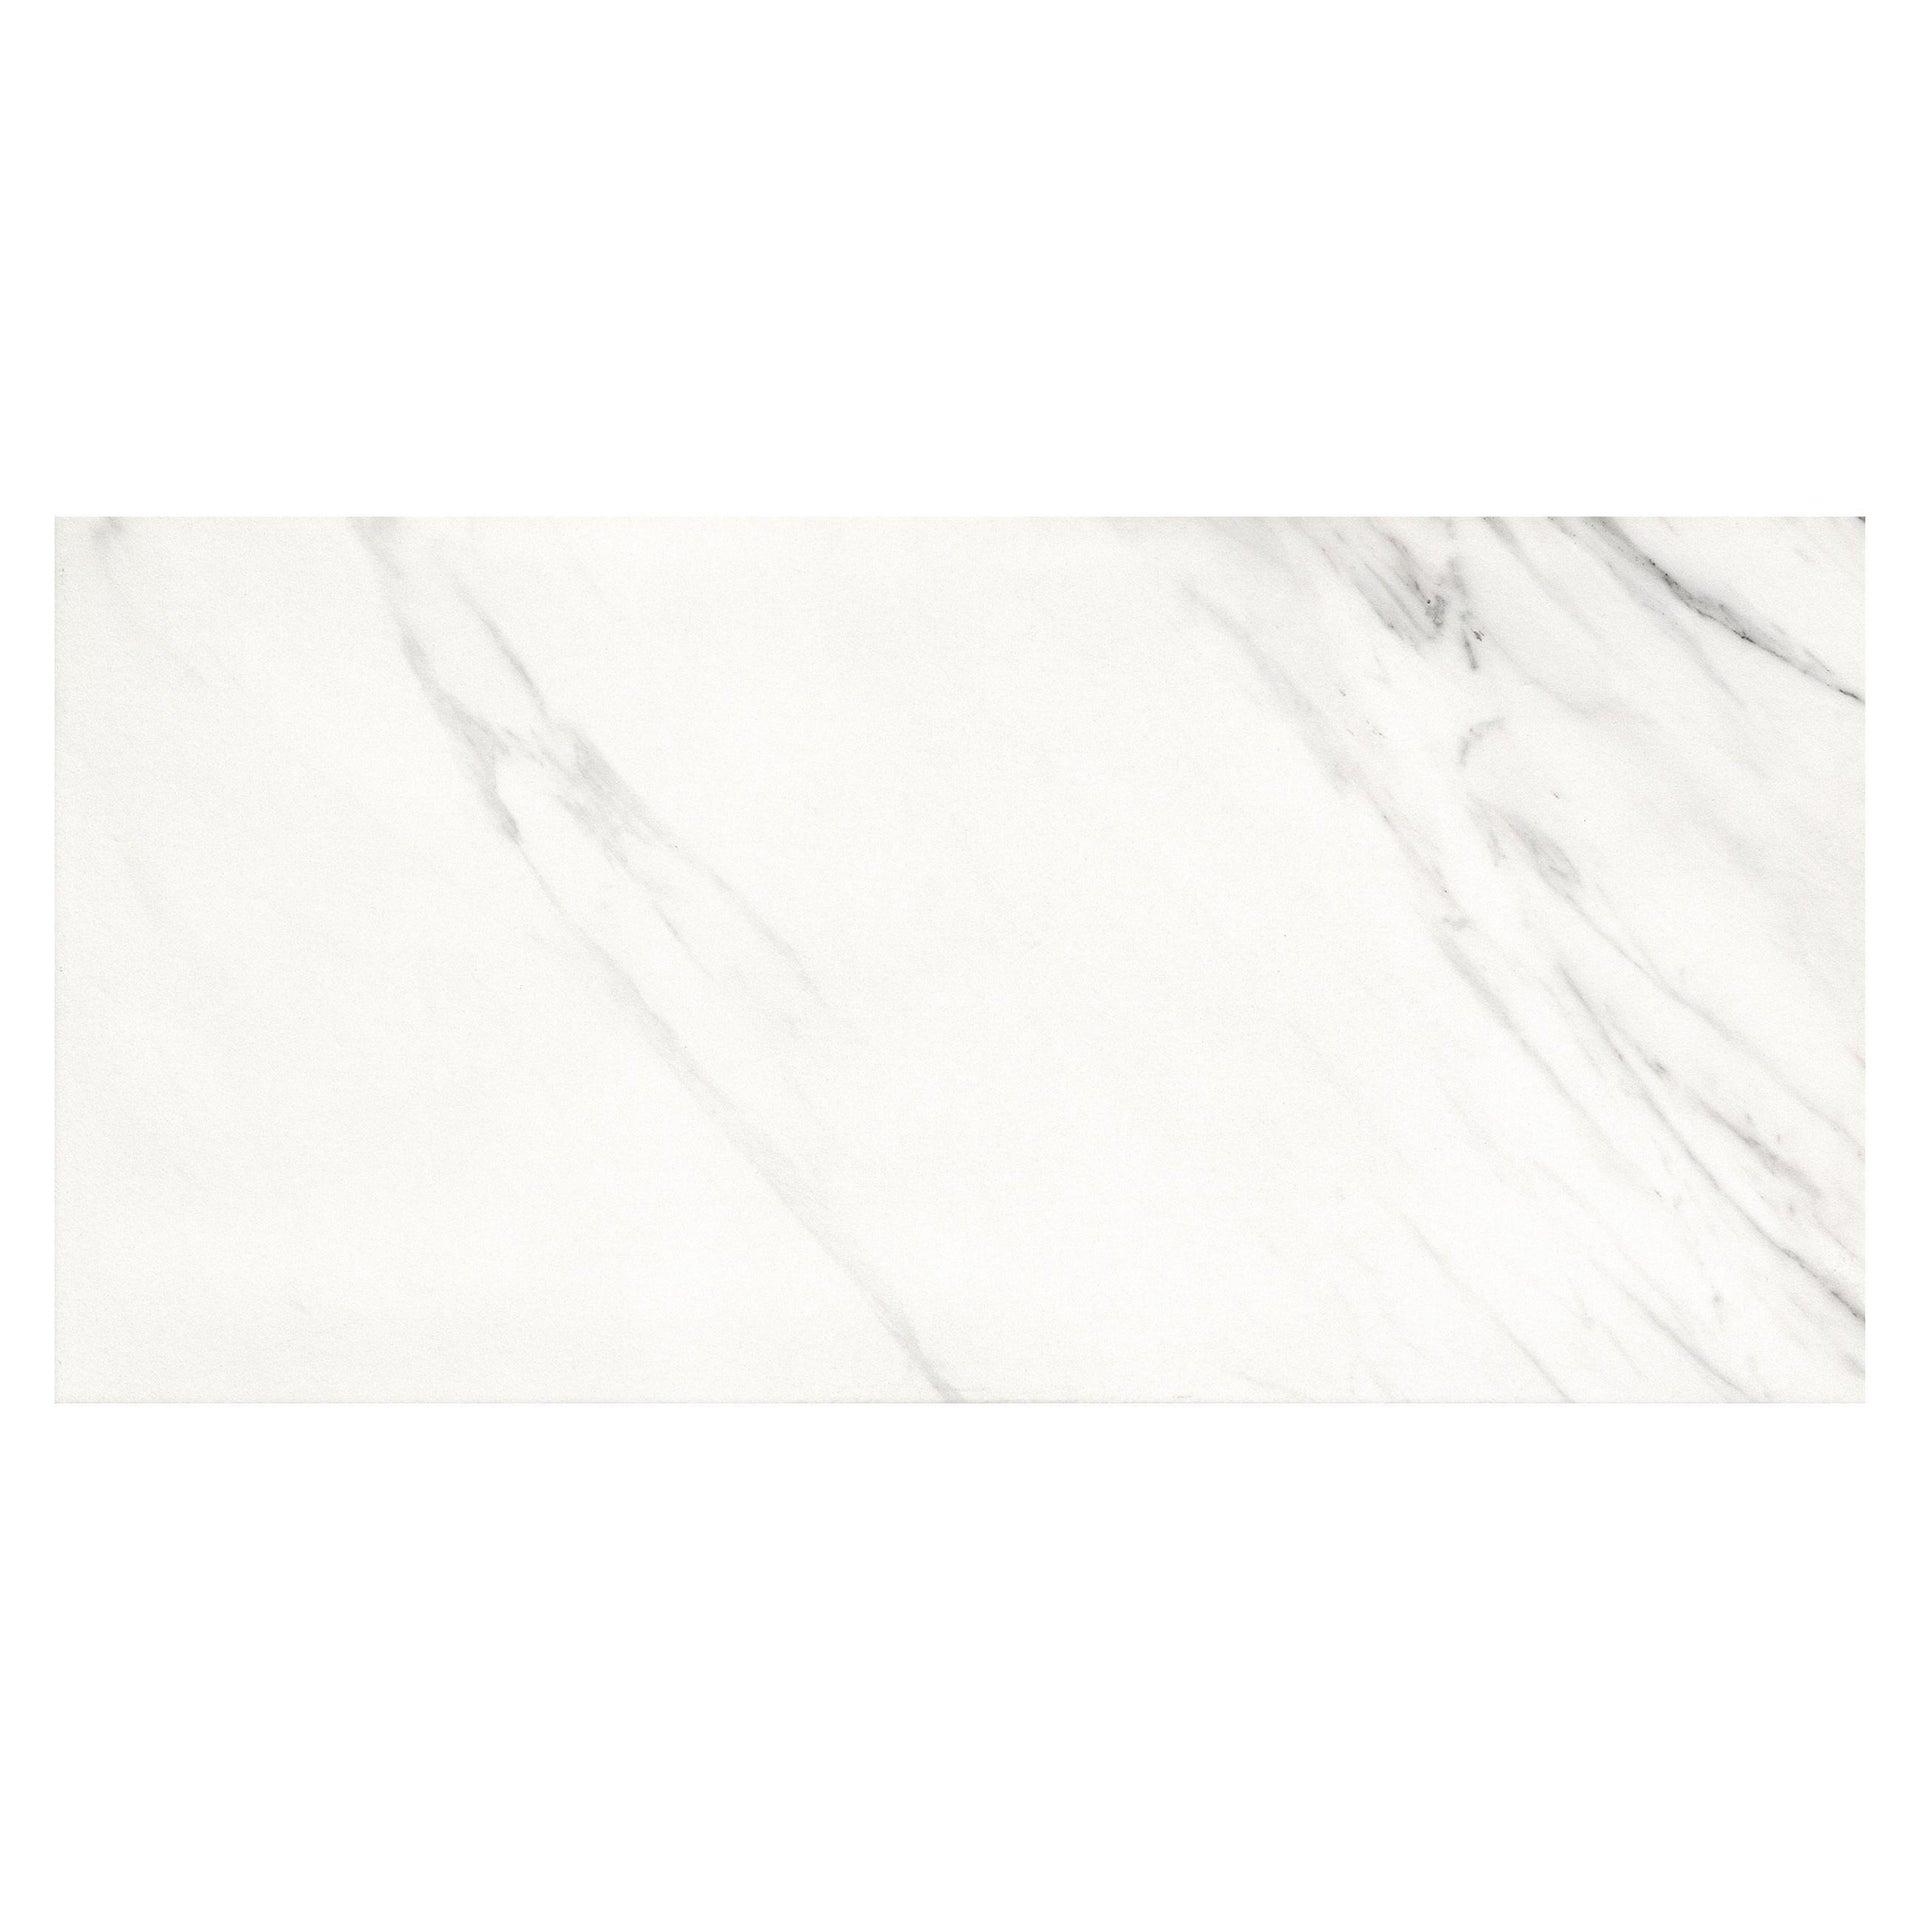 Piastrella Canalgrande 40 x 80 cm sp. 10 mm PEI 4/5 bianco - 9